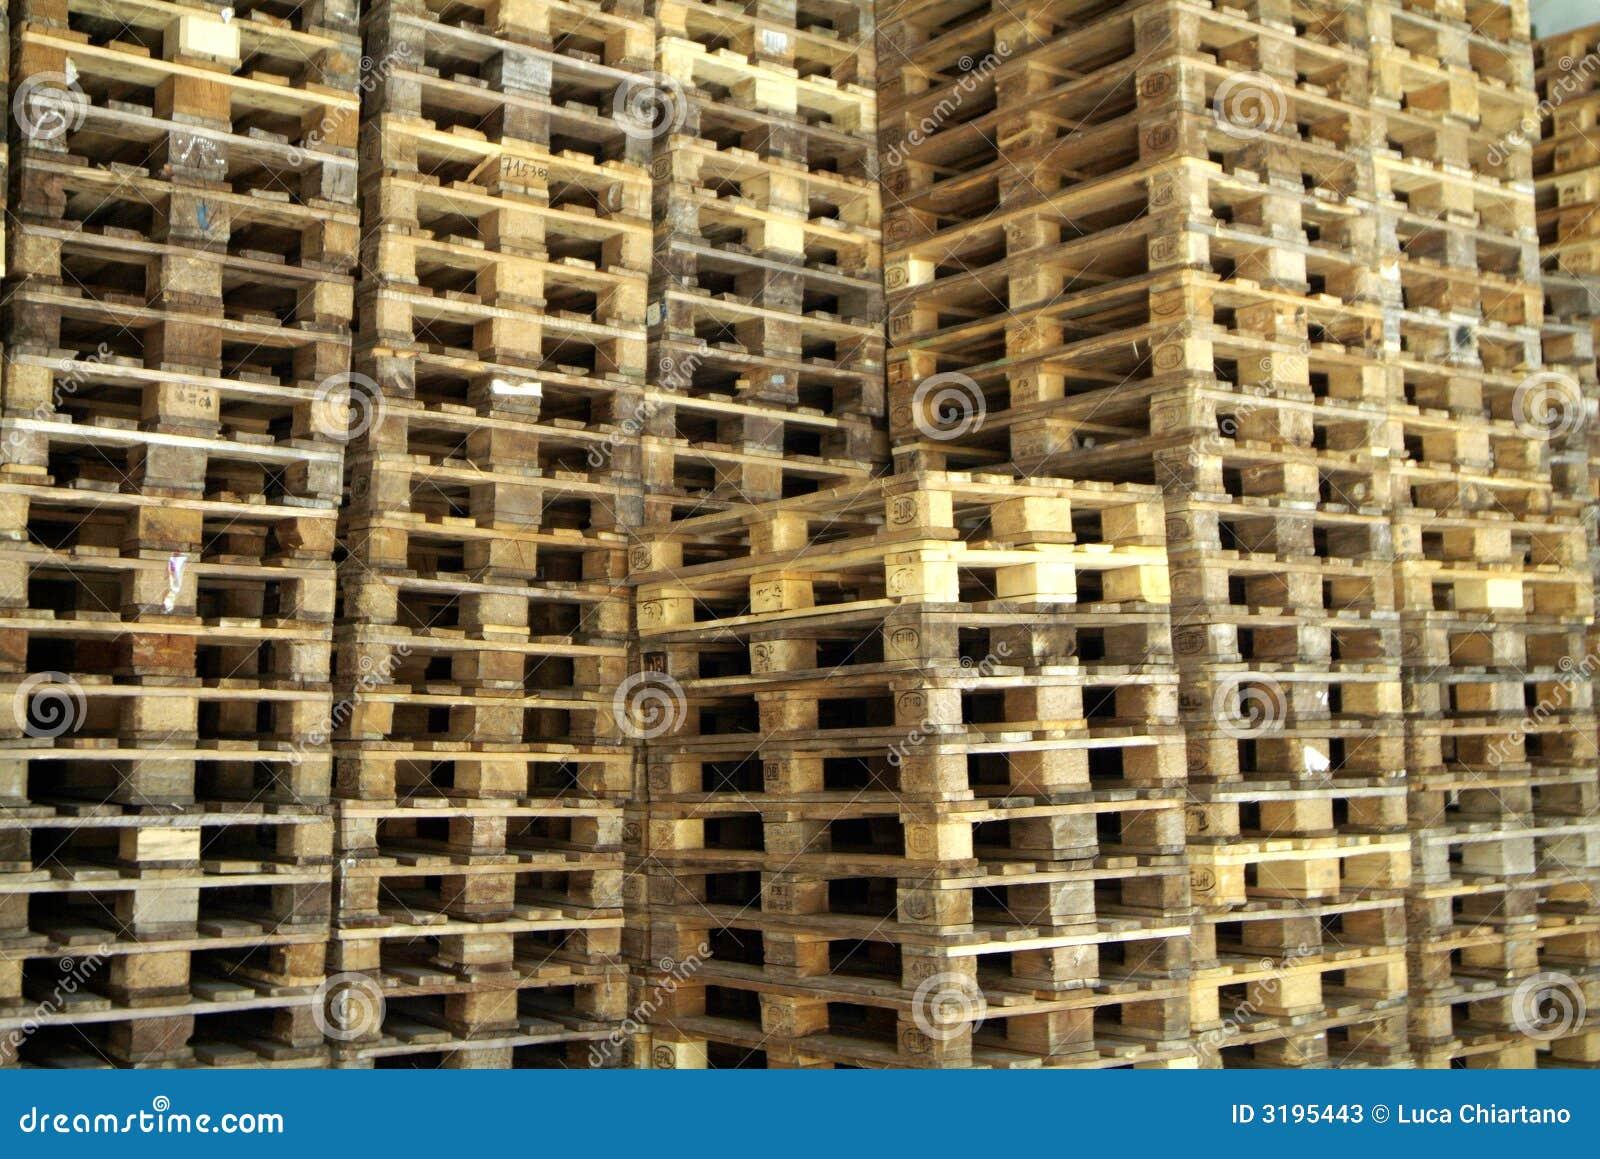 piles de bois de palette image stock image du d rapages 3195443. Black Bedroom Furniture Sets. Home Design Ideas